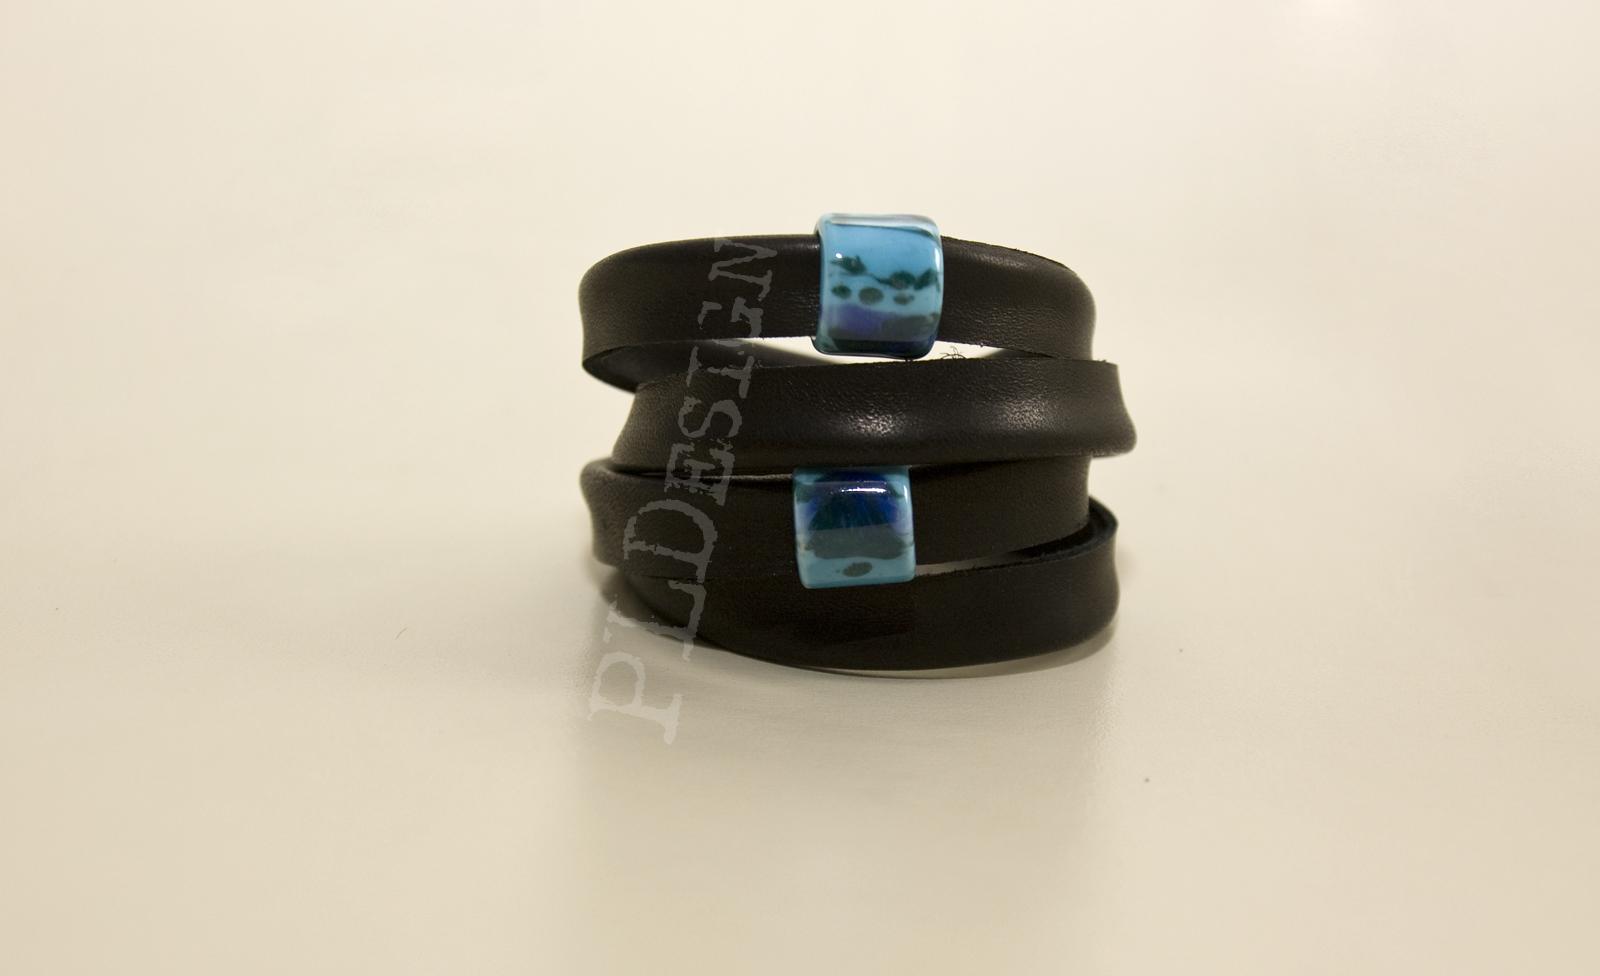 Ręcznie wykonane bransoletki z naturalnej skóry w pojedynczych egzemplarzach. Idealne na prezent. Zamówienia składać mailowo.